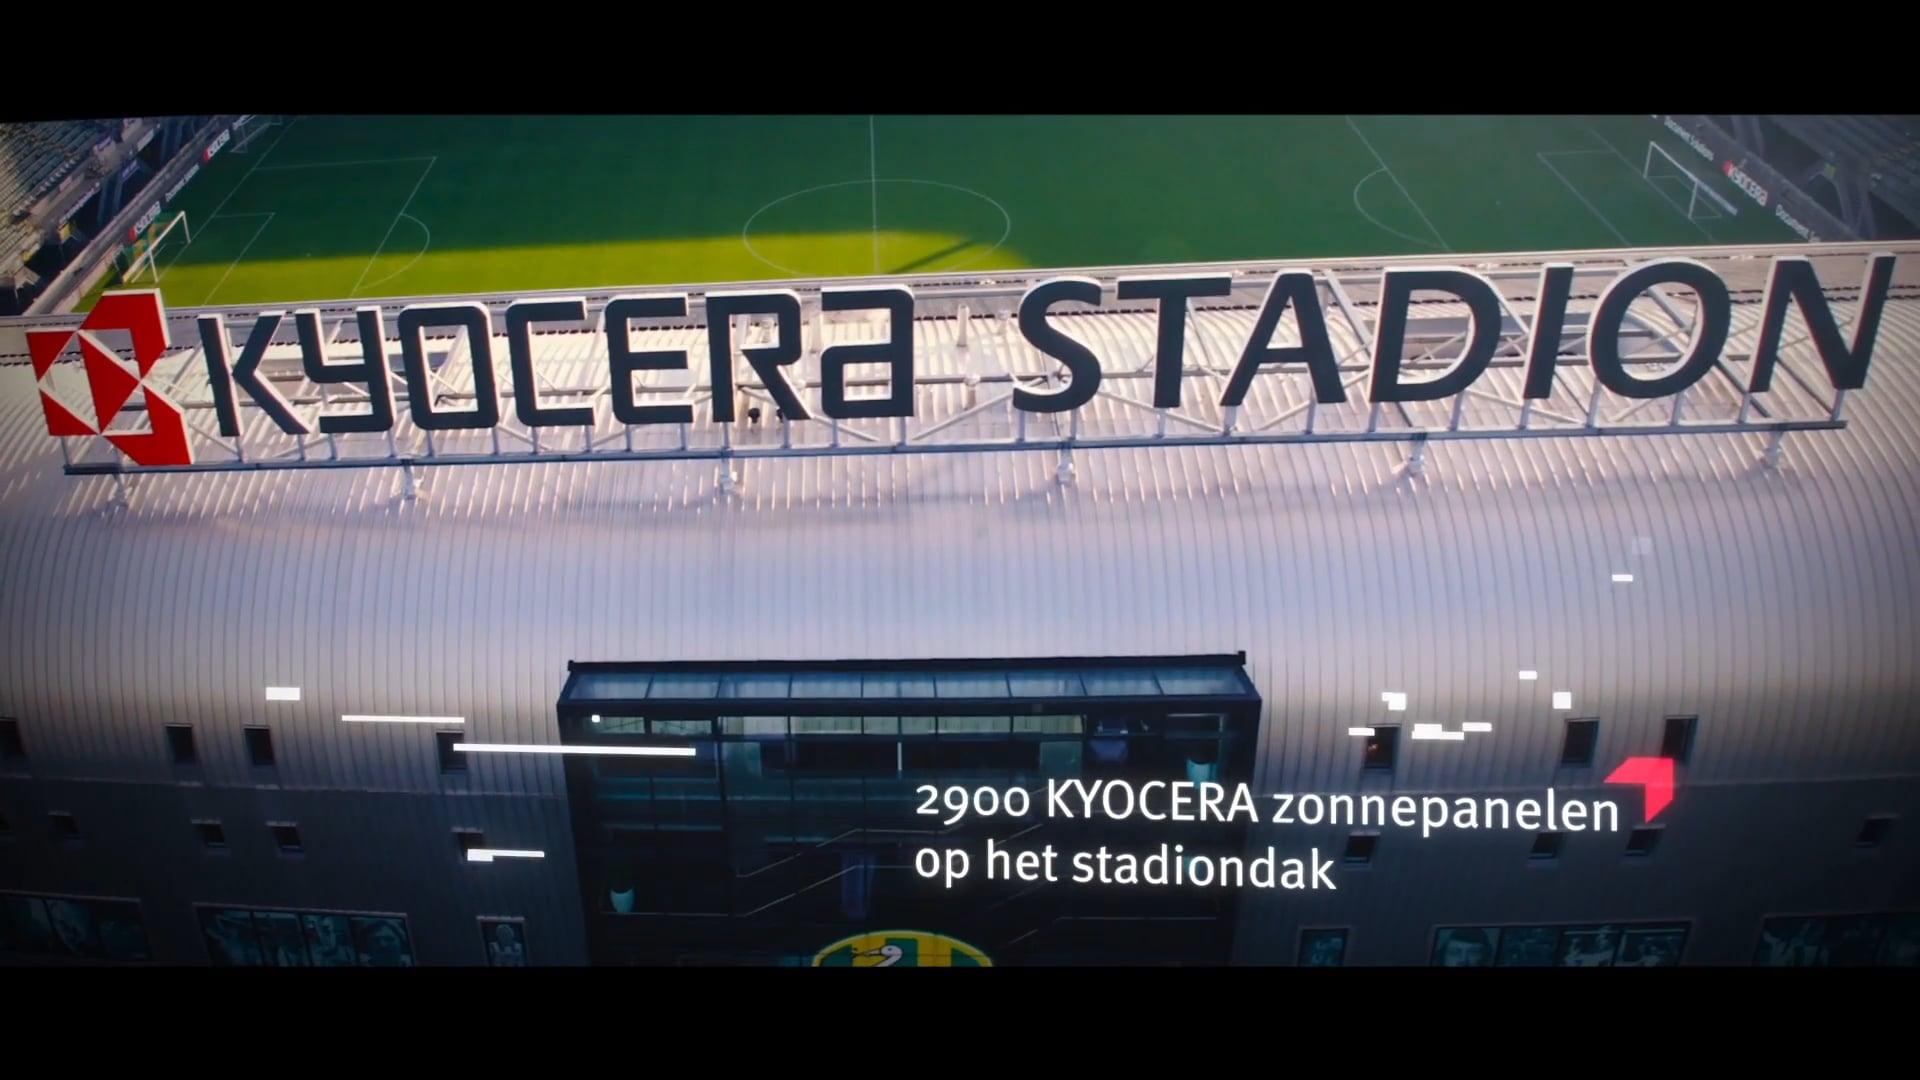 Kyocera | Zonnepanelen Kyocera stadion (ADO Den Haag)